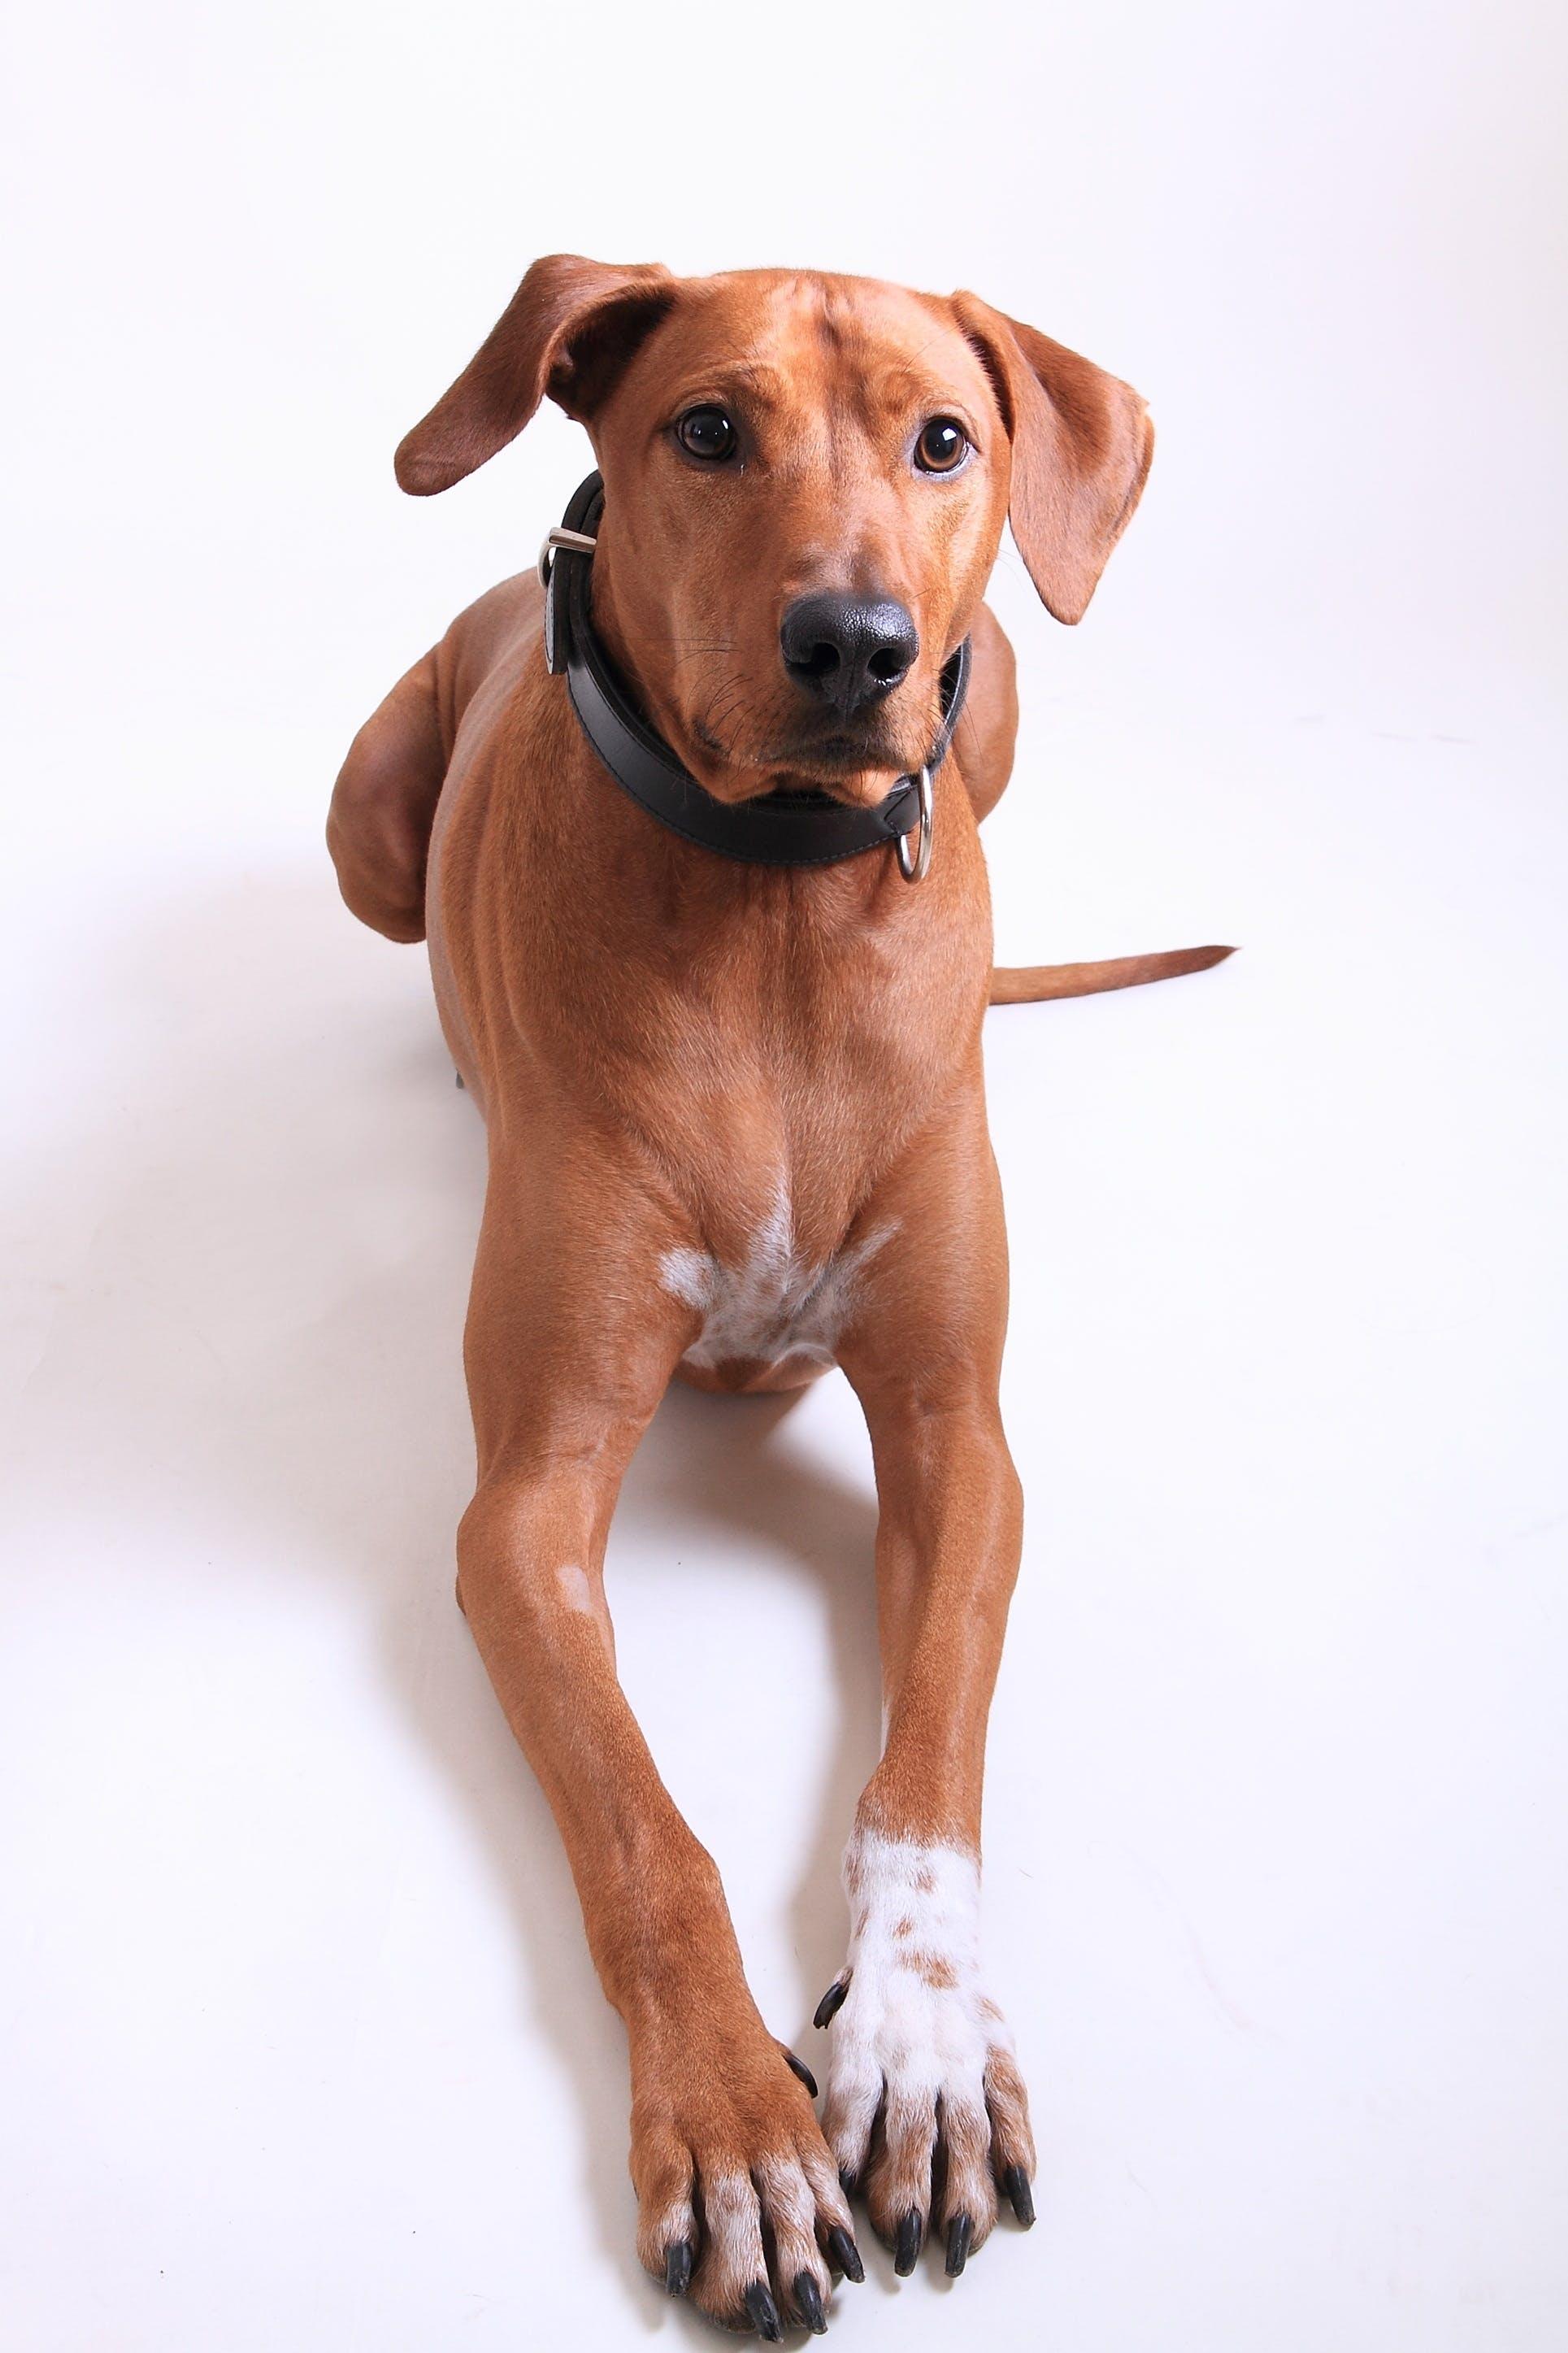 Kostenloses Stock Foto zu gucken, häuslich, haustier, hund